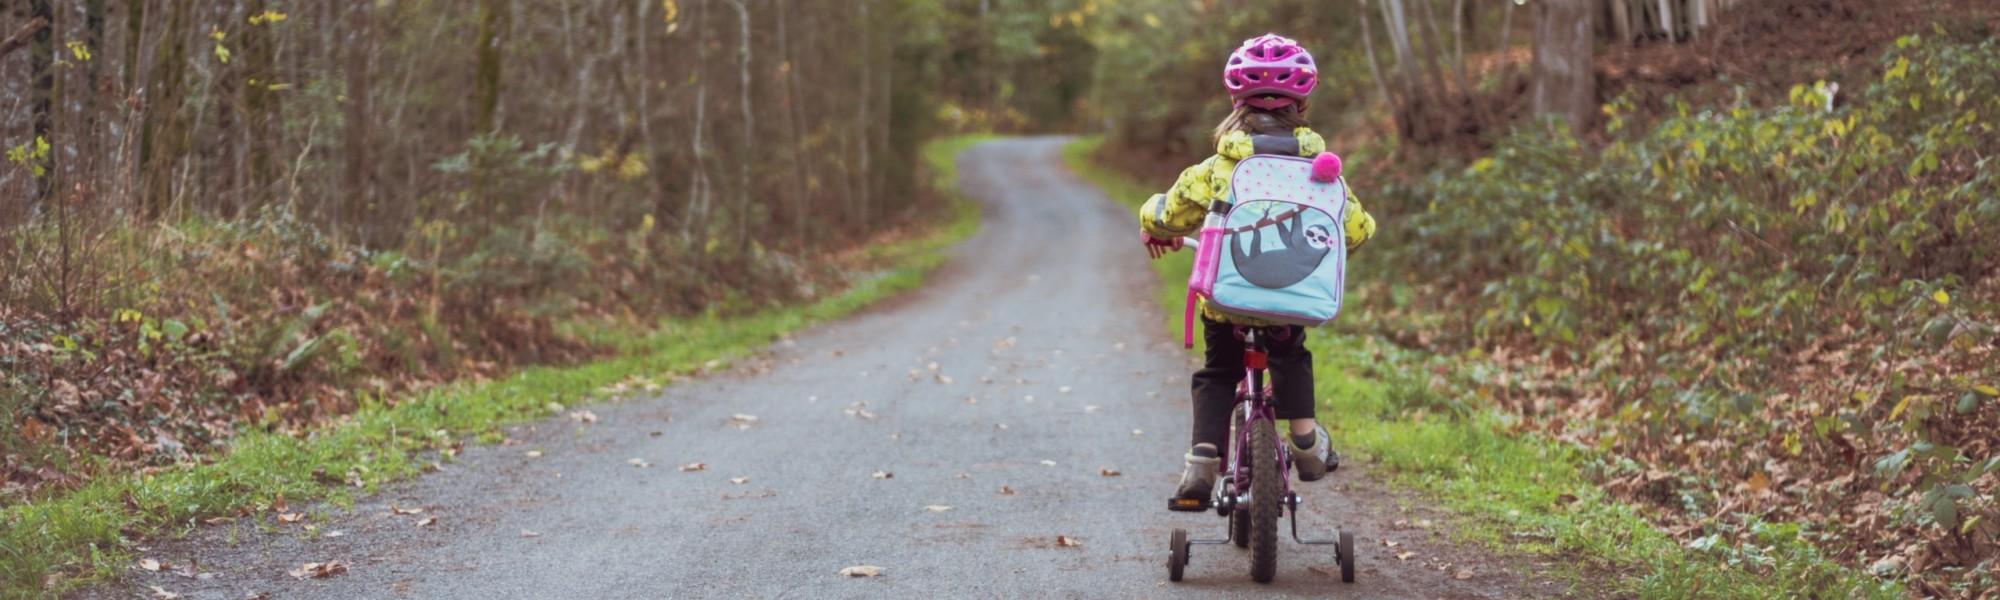 Kuvassa on pieni tyttö takaa kuvattuna ja hän ajaa apupyörillä varustettua polkupyötää reppu selässä. Maisema on syksyinen.